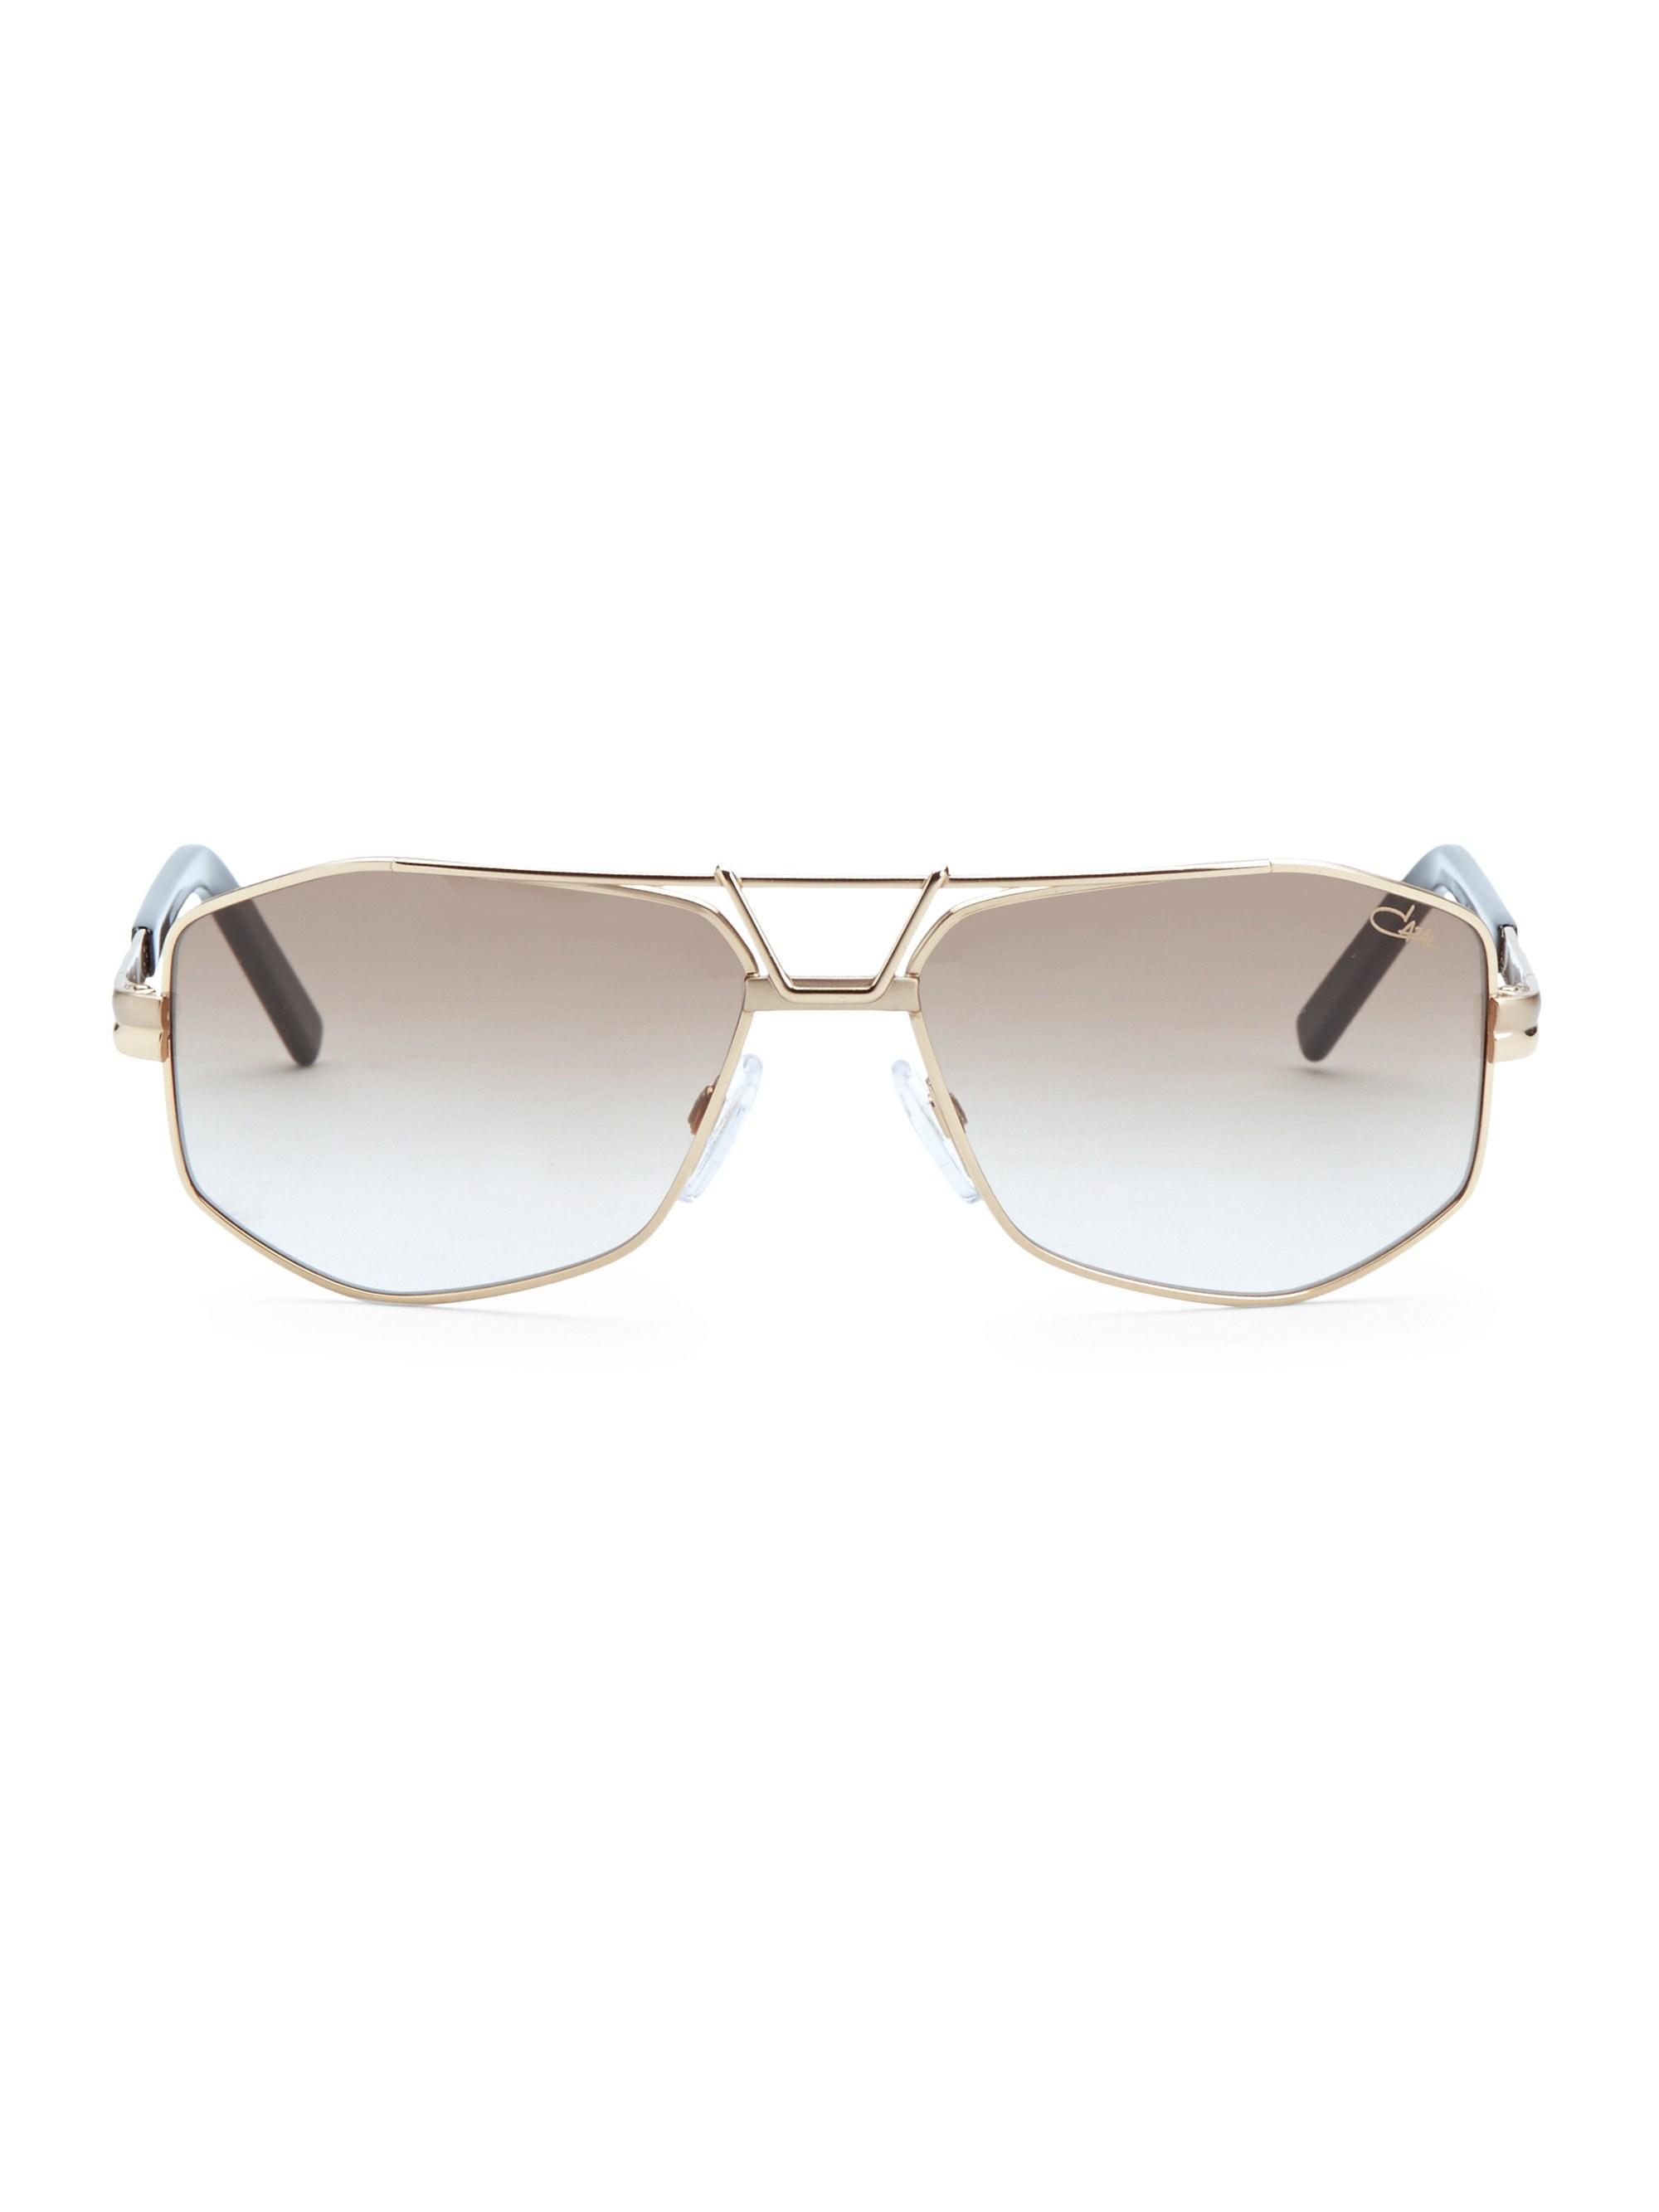 843e4658e4 Lyst - Cazal 61mm Modified Aviator Sunglasses in Metallic for Men